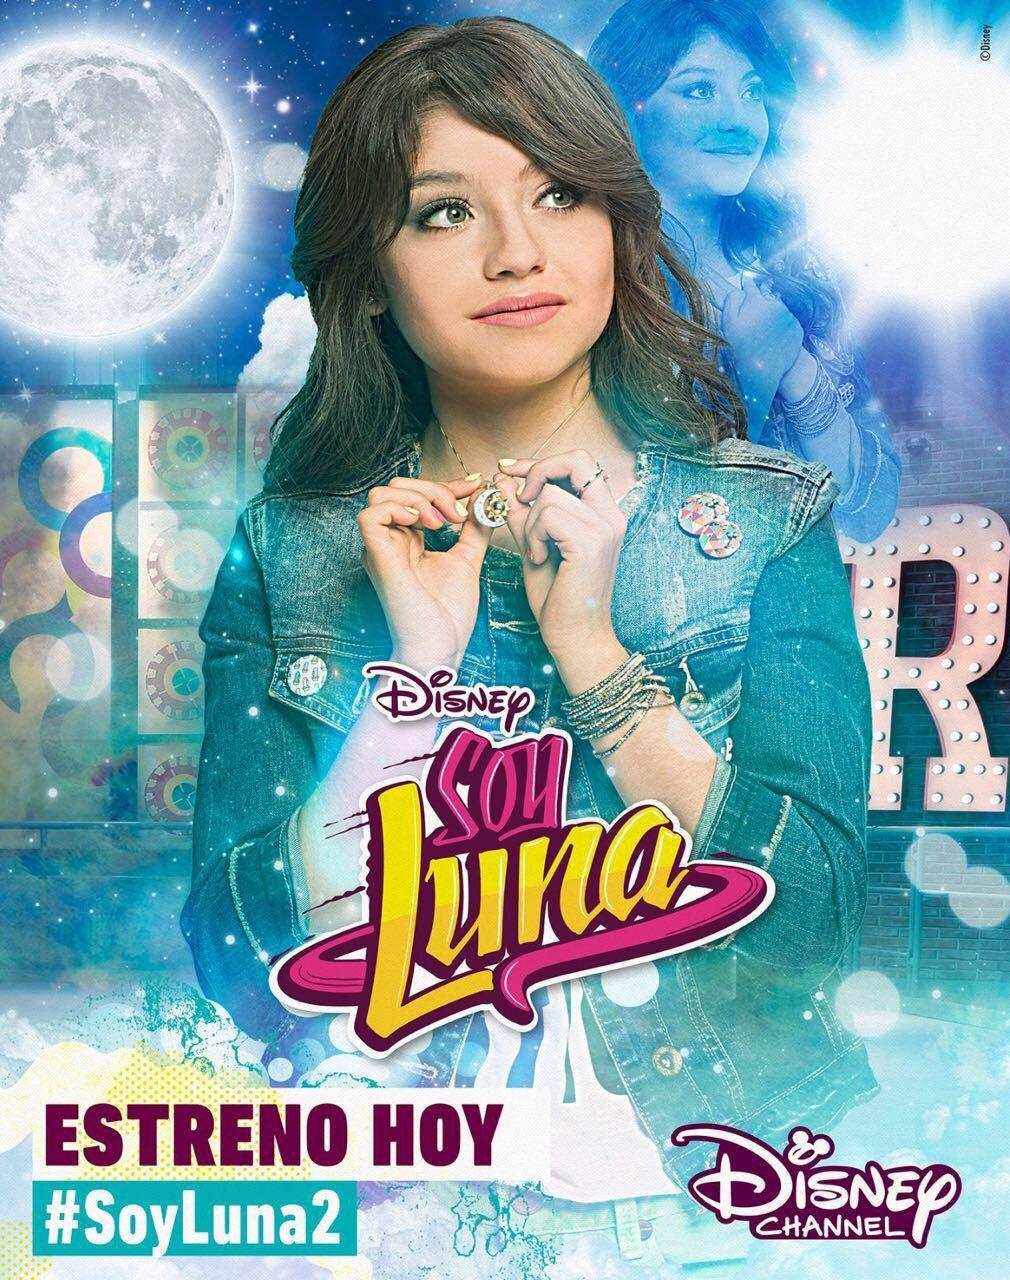 110 Soy Luna Ideas Soy Luna Disney Channel New Disney Channel Shows